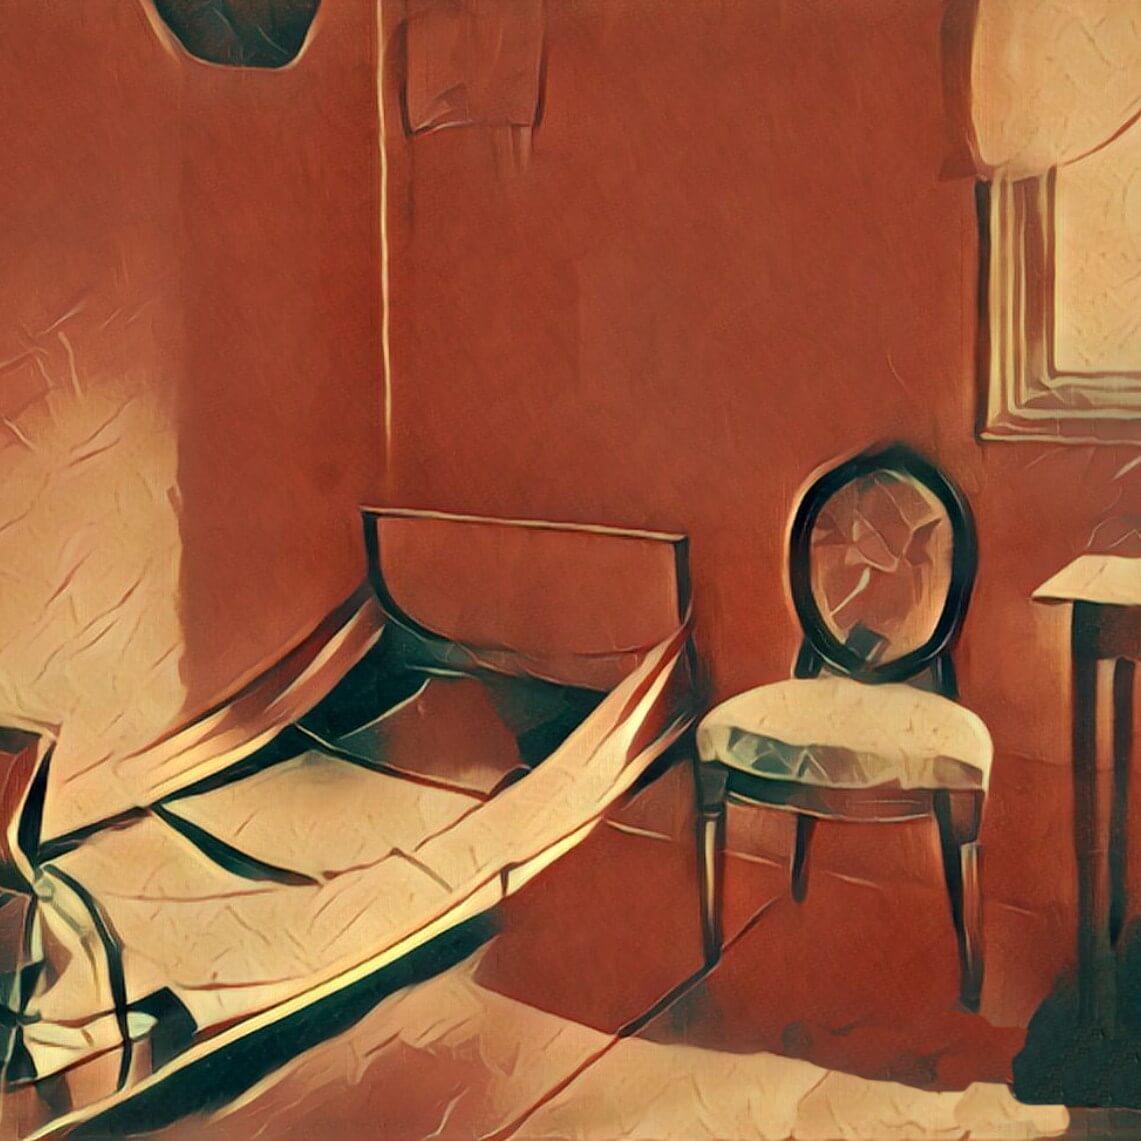 Traum schlafzimmer  Schlafzimmer - Traum-Deutung